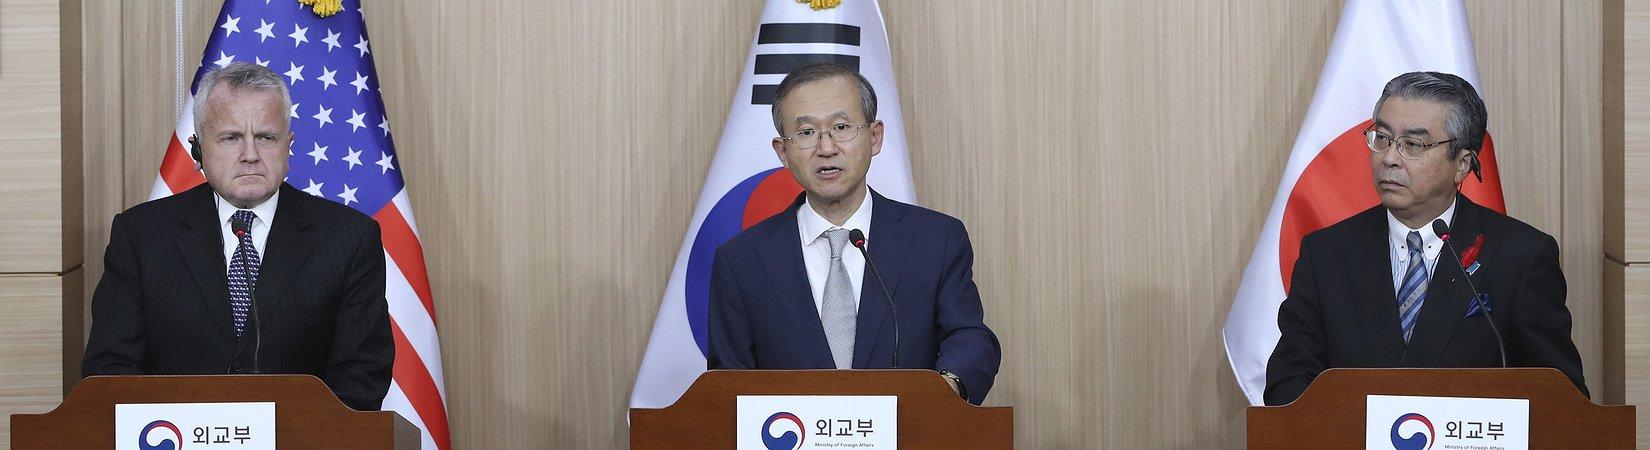 Coreia do Norte em discussão em Seul